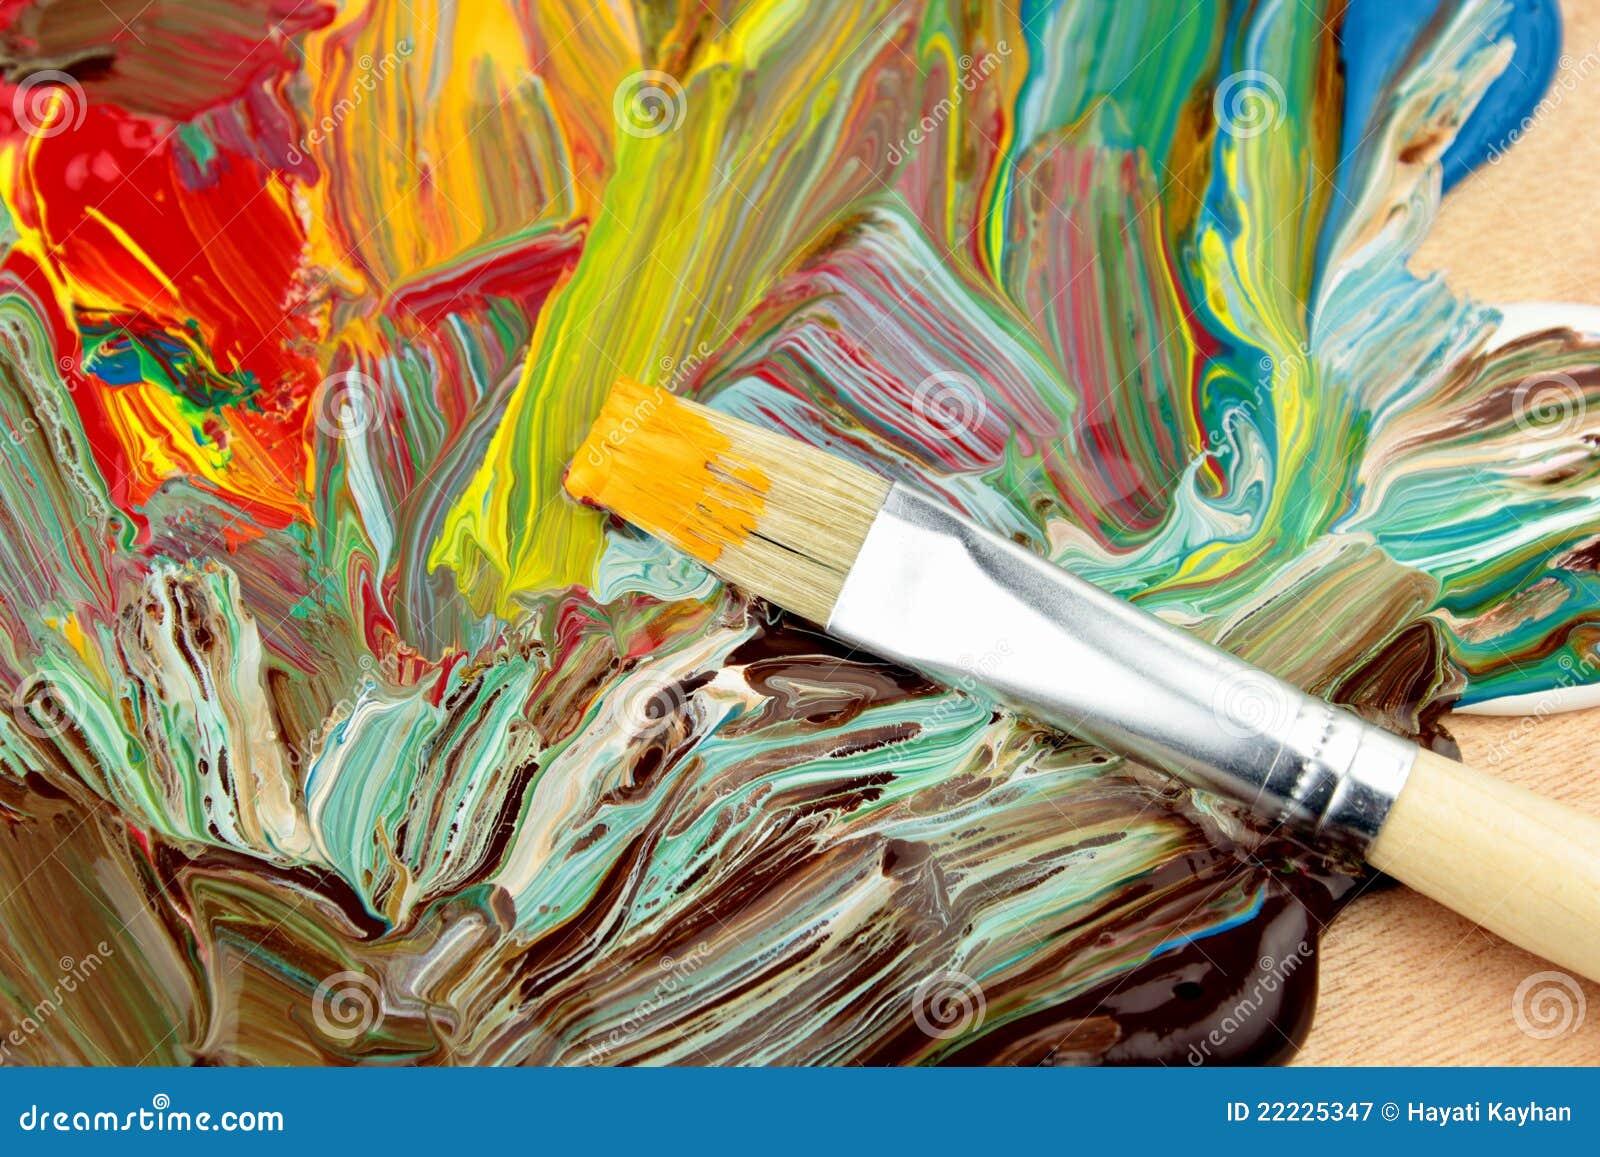 Brushes  Art Supplies at BLICK art materials  Art Supply